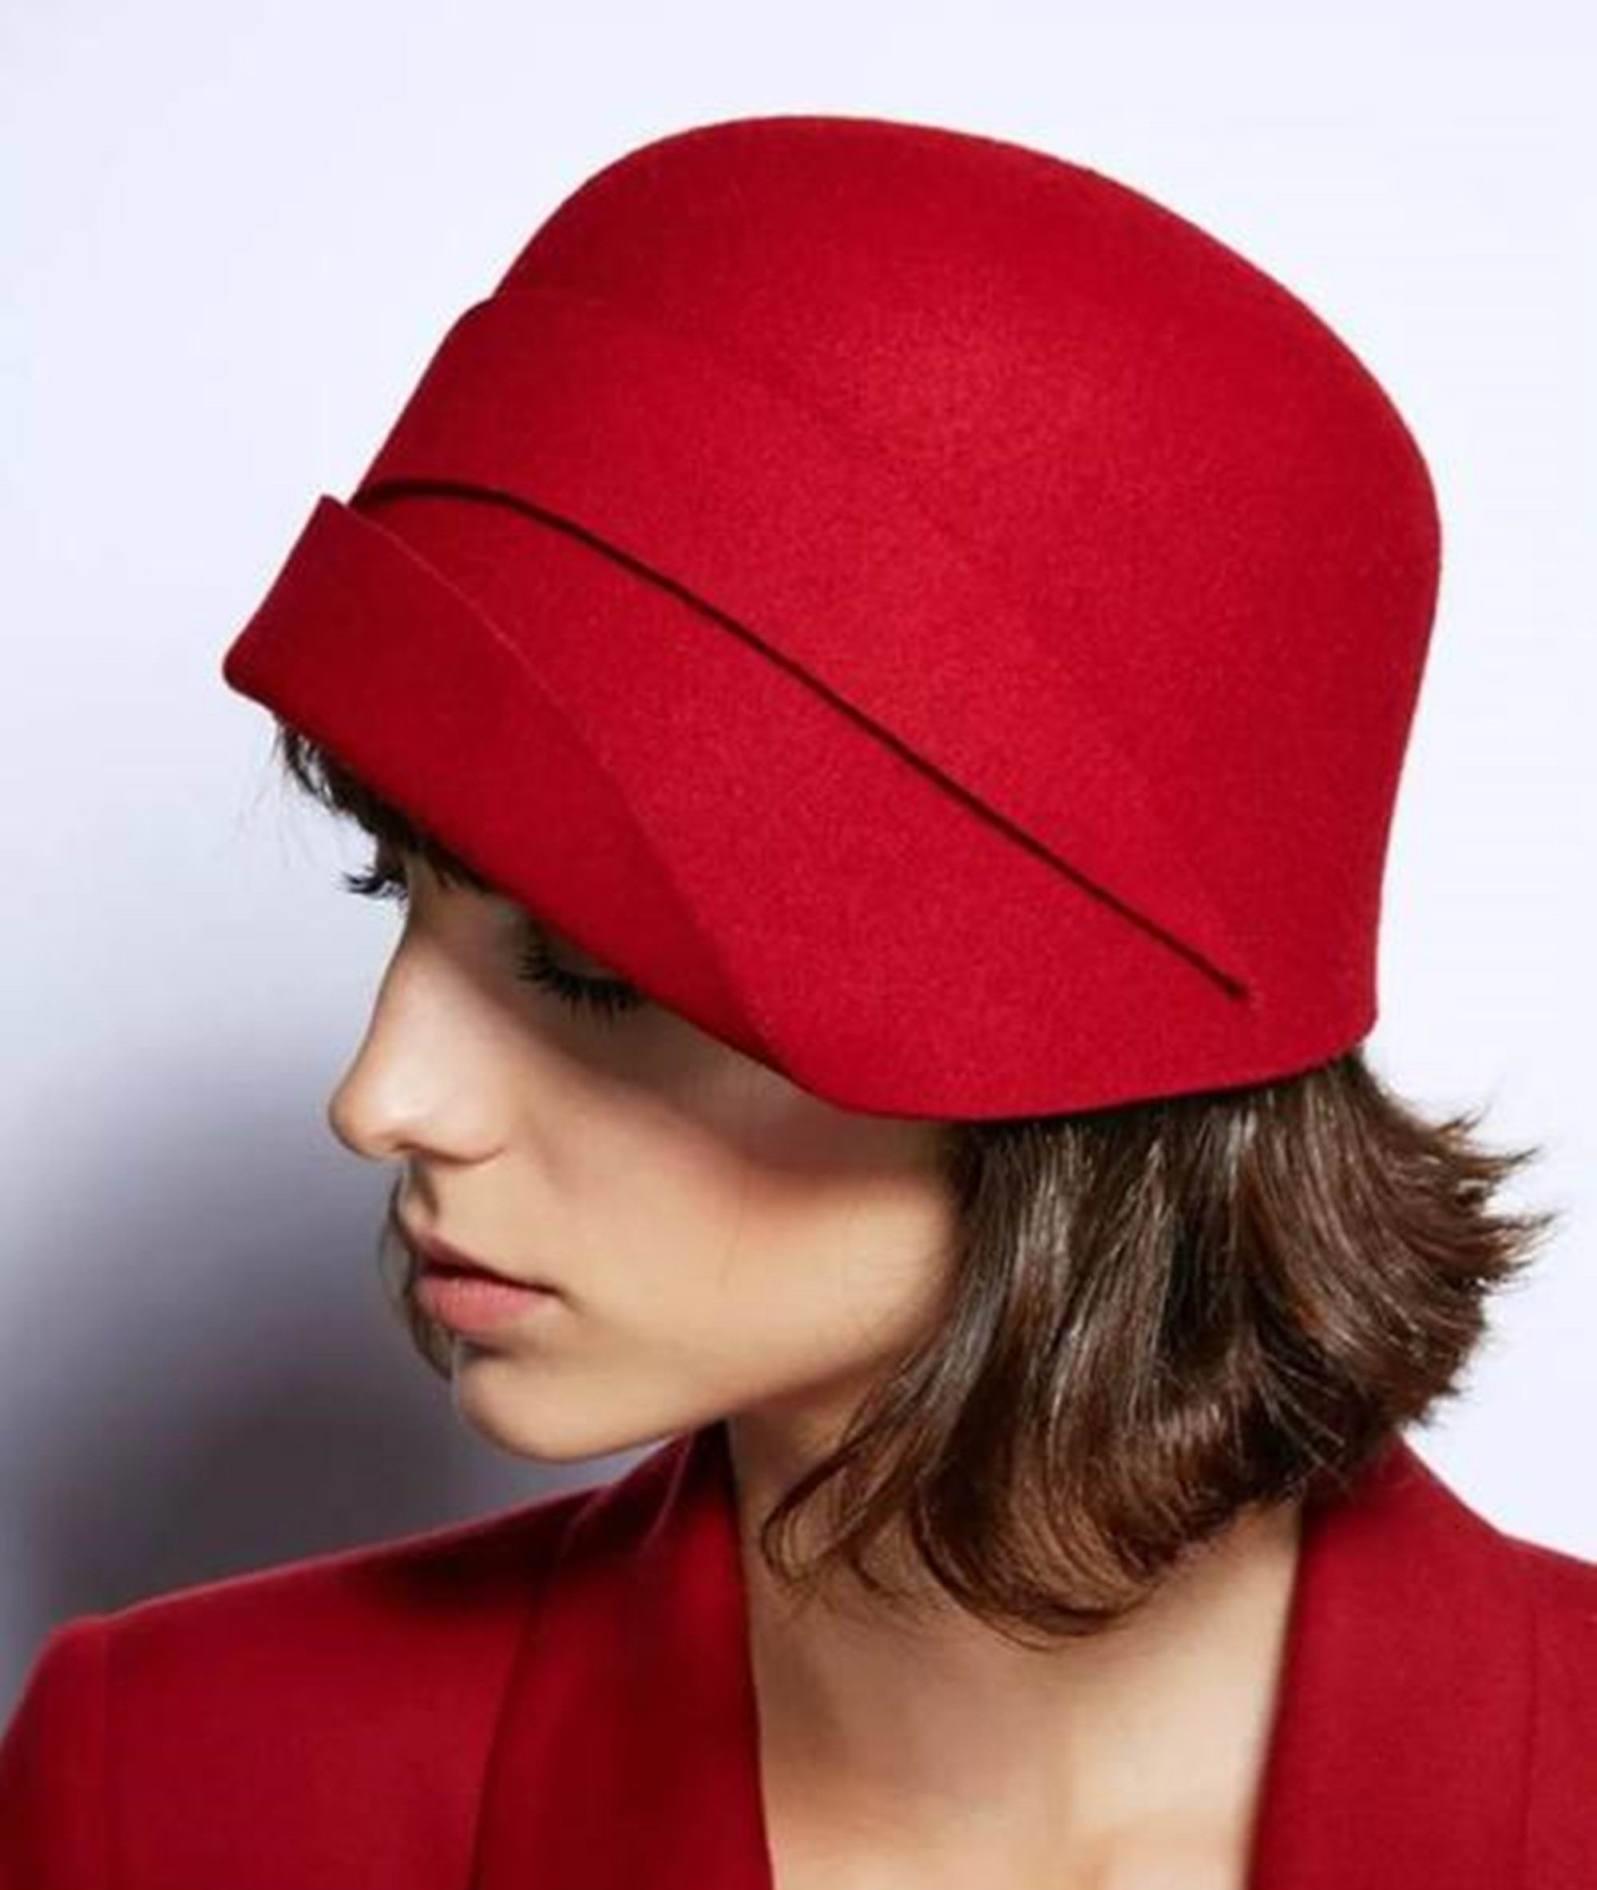 戴帽子不好看?复古钟形帽,带你玩出文艺高雅女神范